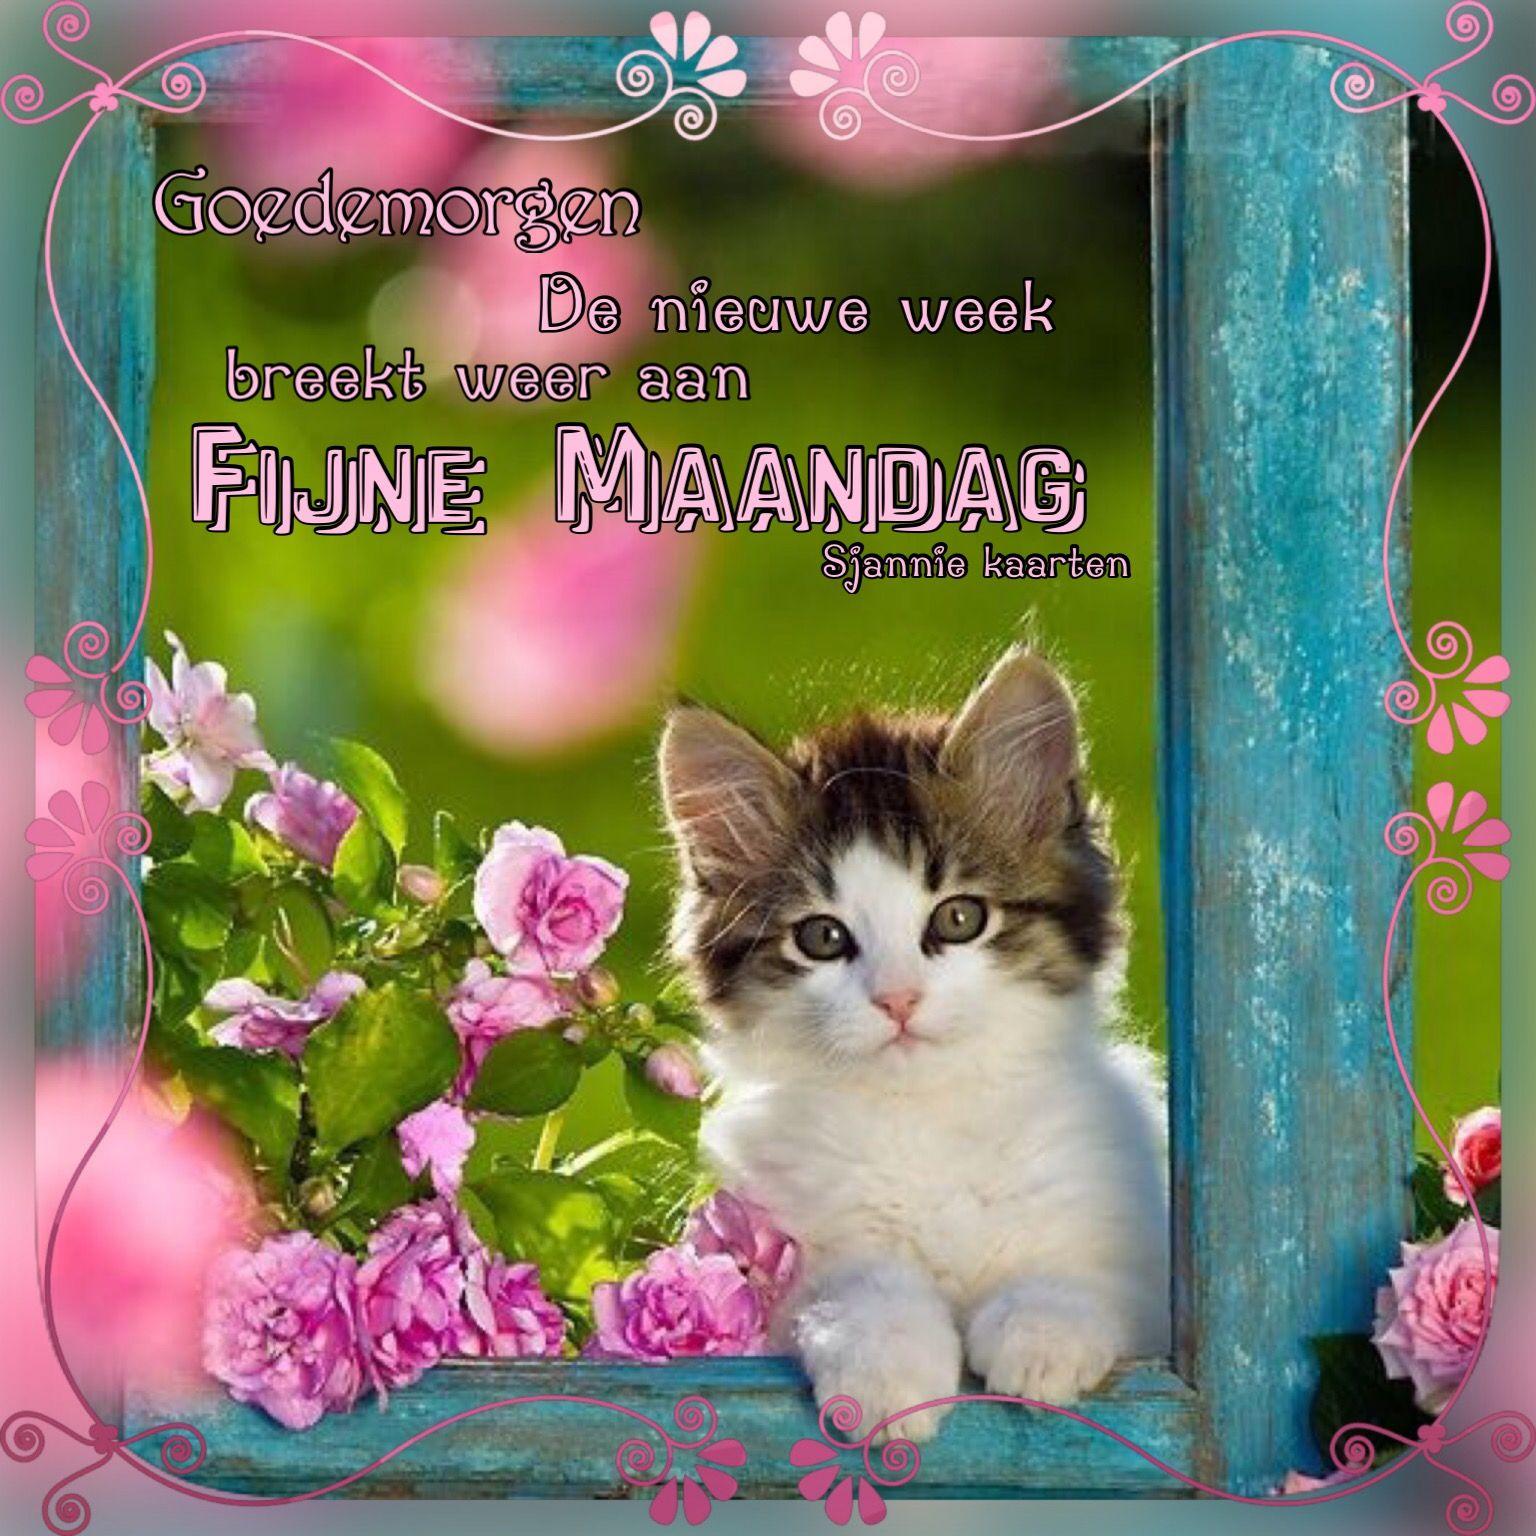 Pin Van Ingrid Platteau Op Sjannie Kaarten Made By Sjannie Kaarten Goedemorgen Schattig Schattige Katten